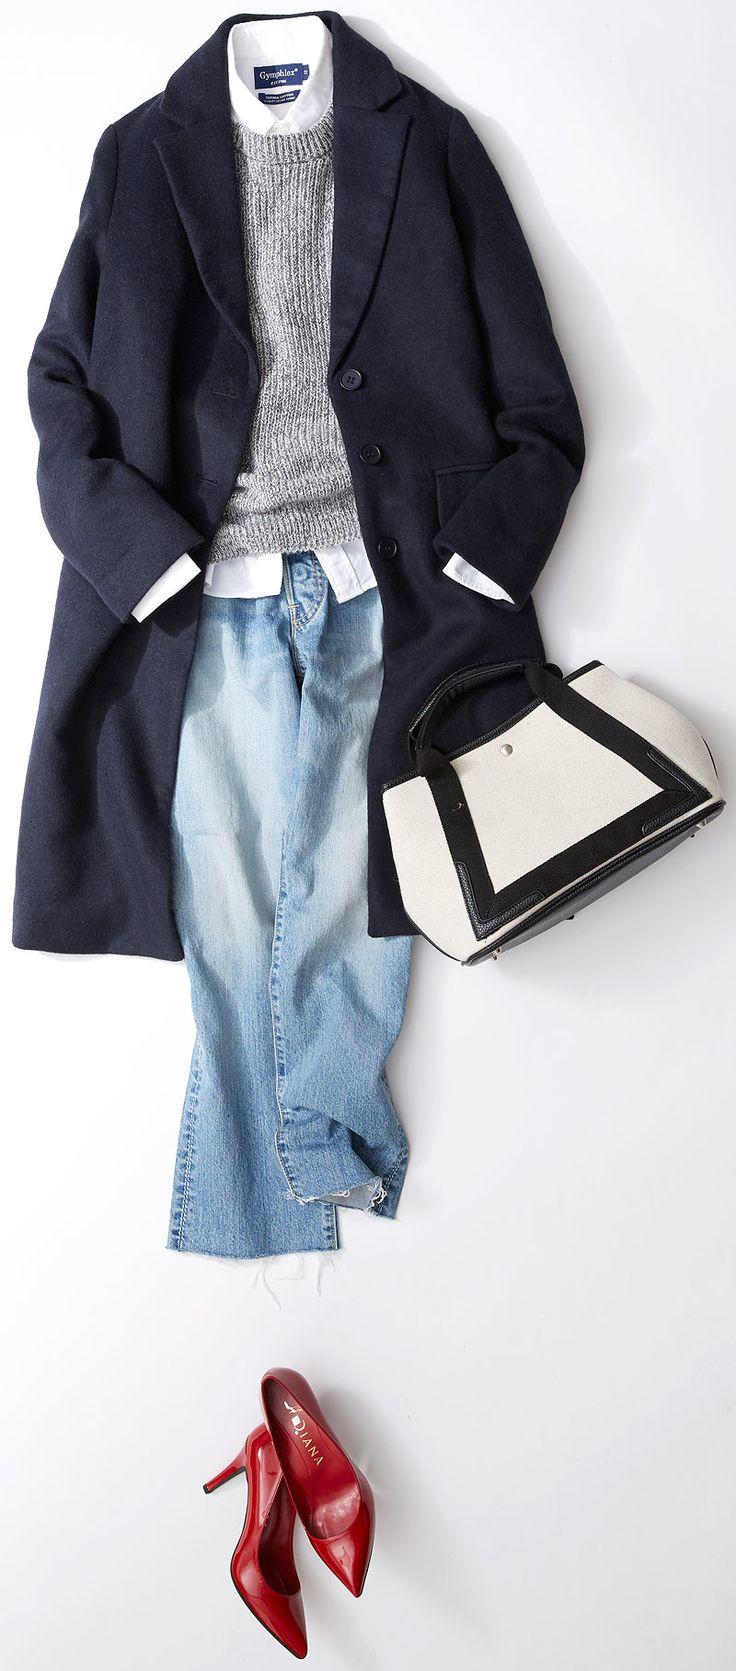 今週のレッスン:着膨れしない細見えコーデに挑戦(ルミネ有楽町) | LUMINE MAGAZINE